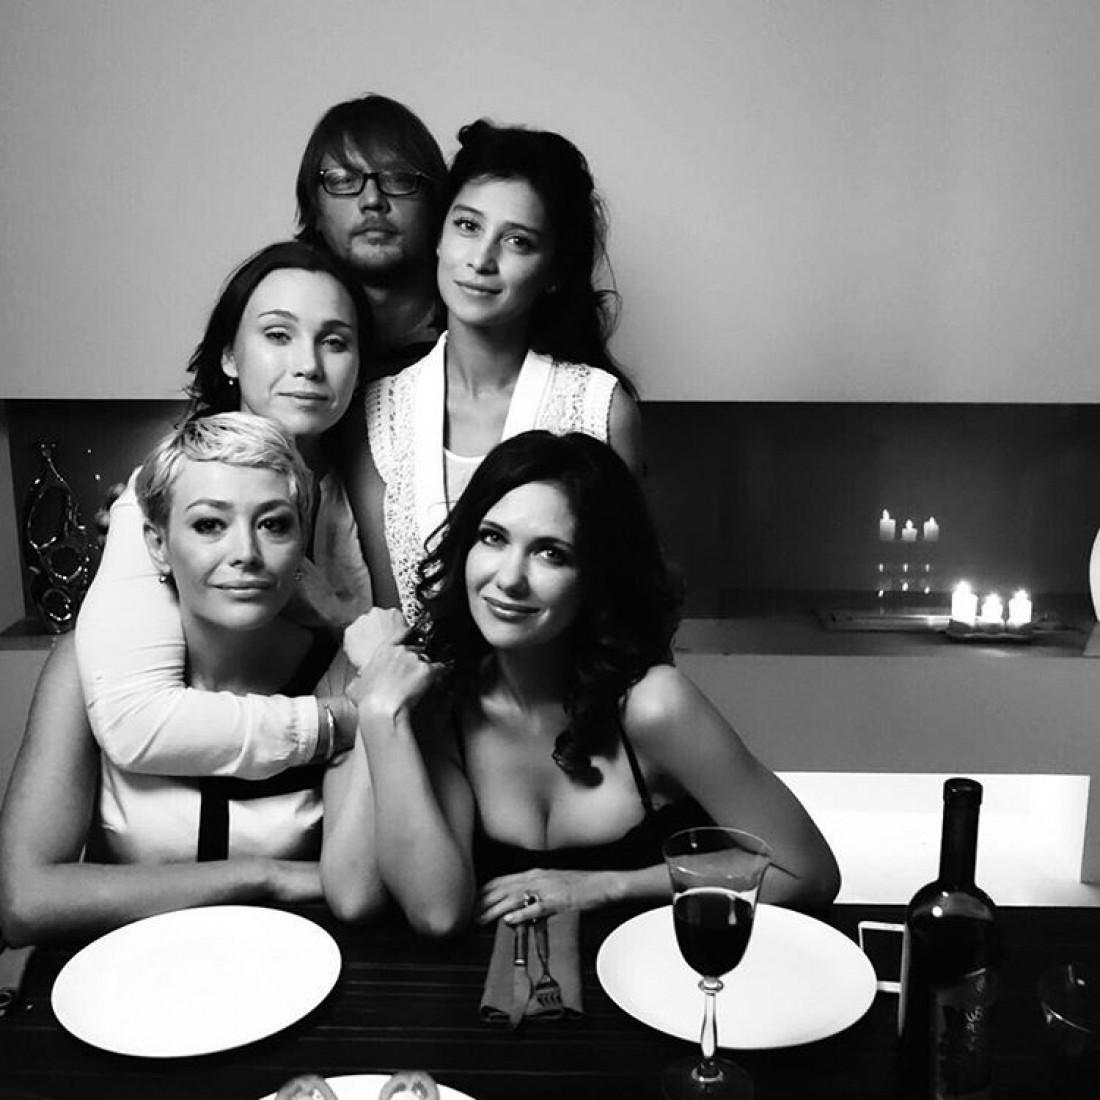 Екатерина Климова с коллегами в новом сериале Влюбленные женщины